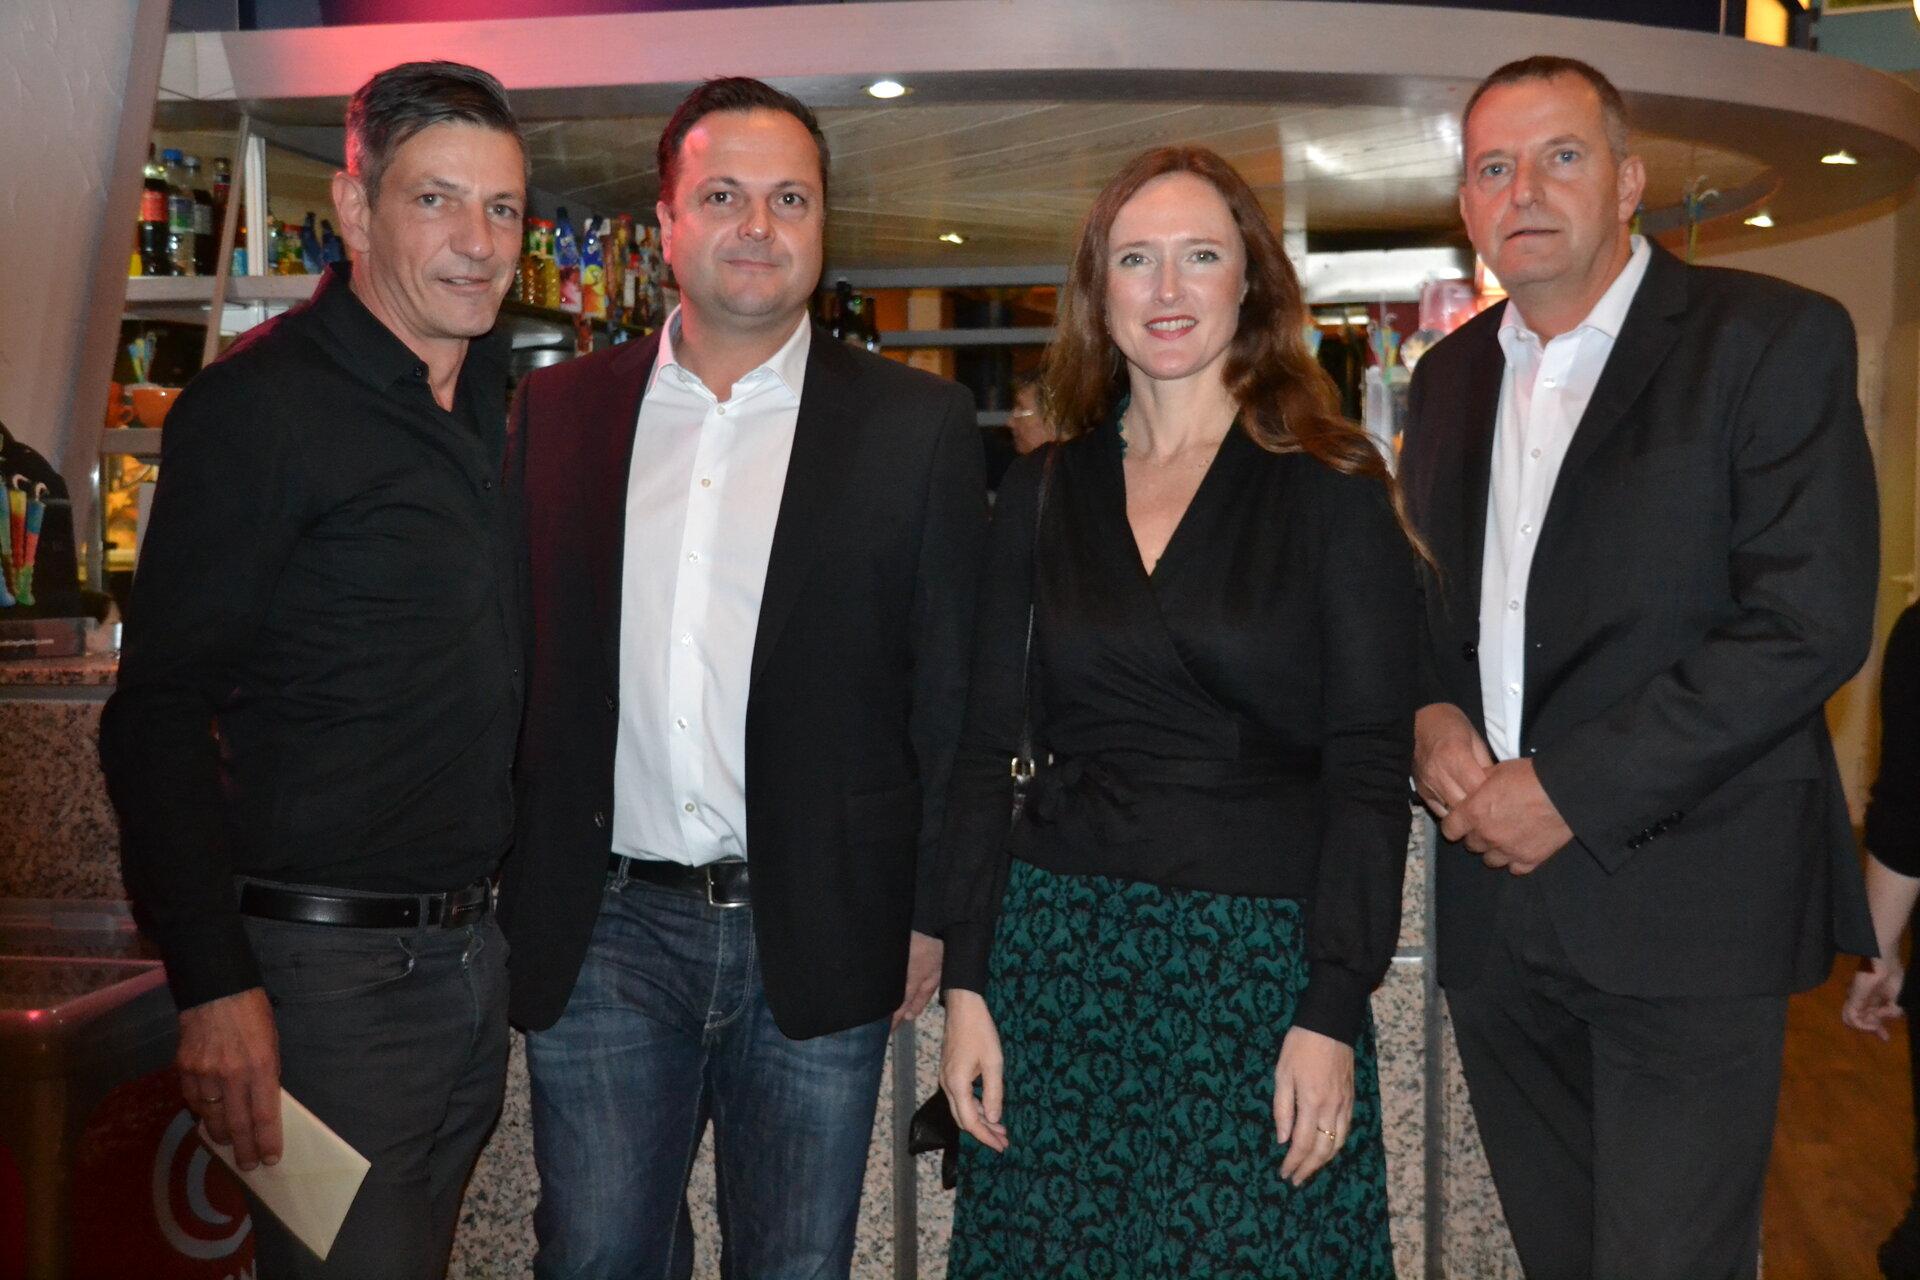 Oktober 2017: Vorpremiere vom preisgekrönten Film 'Zuckersand' im Kino Ala mit Regisseur Dirk Kummer (links im Bild, Quelle Stadtarchiv).